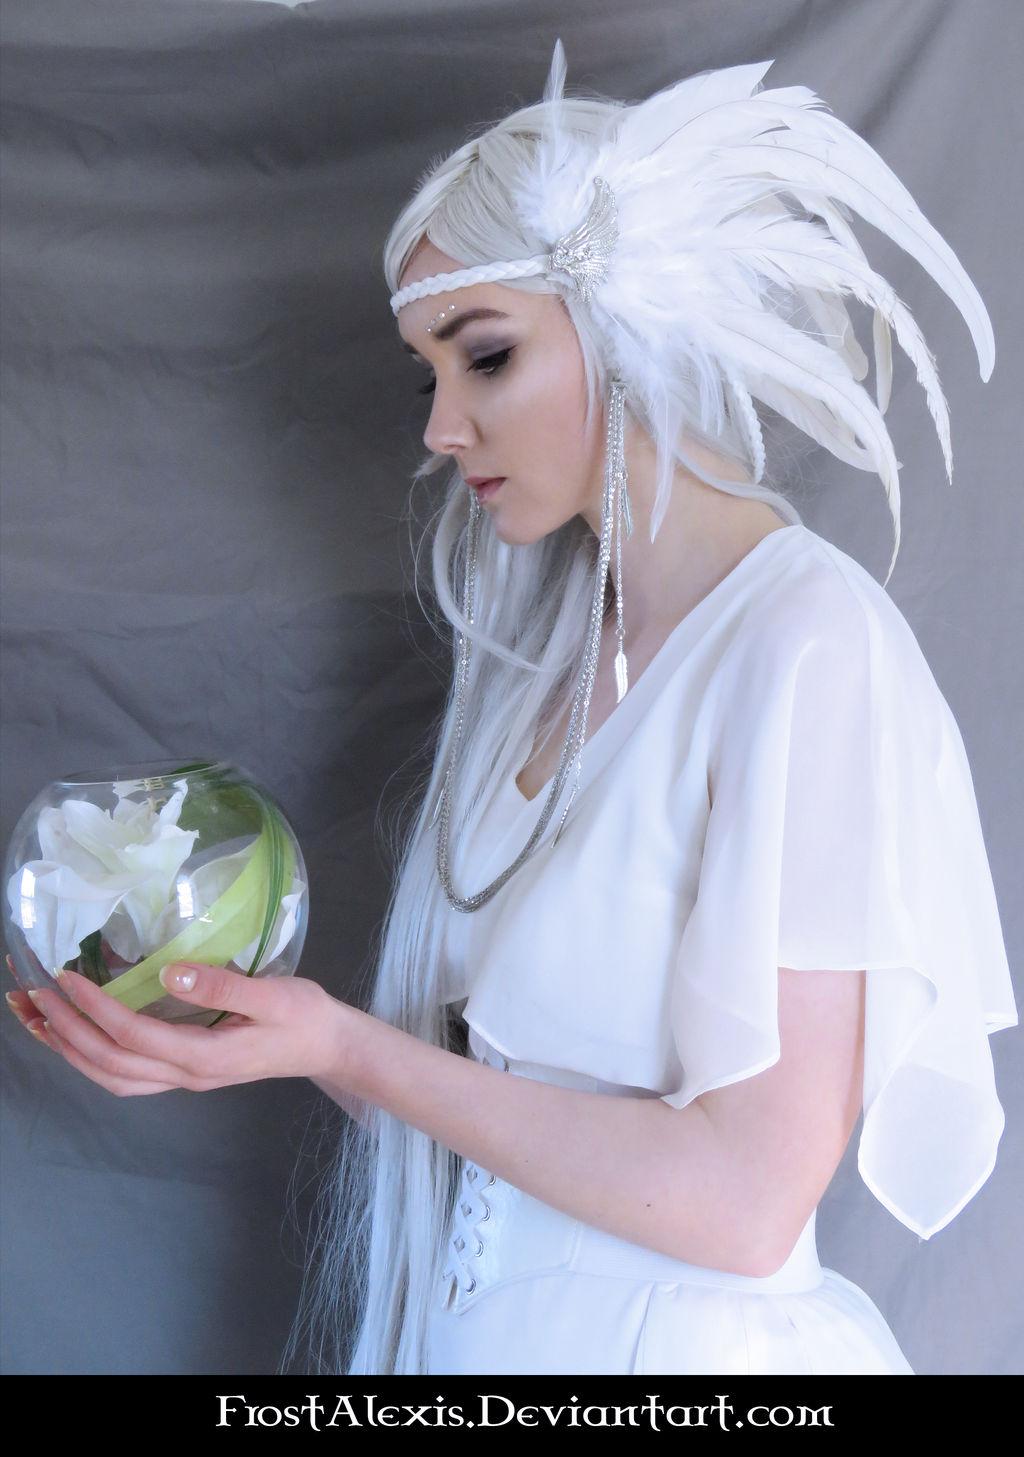 In White (19)